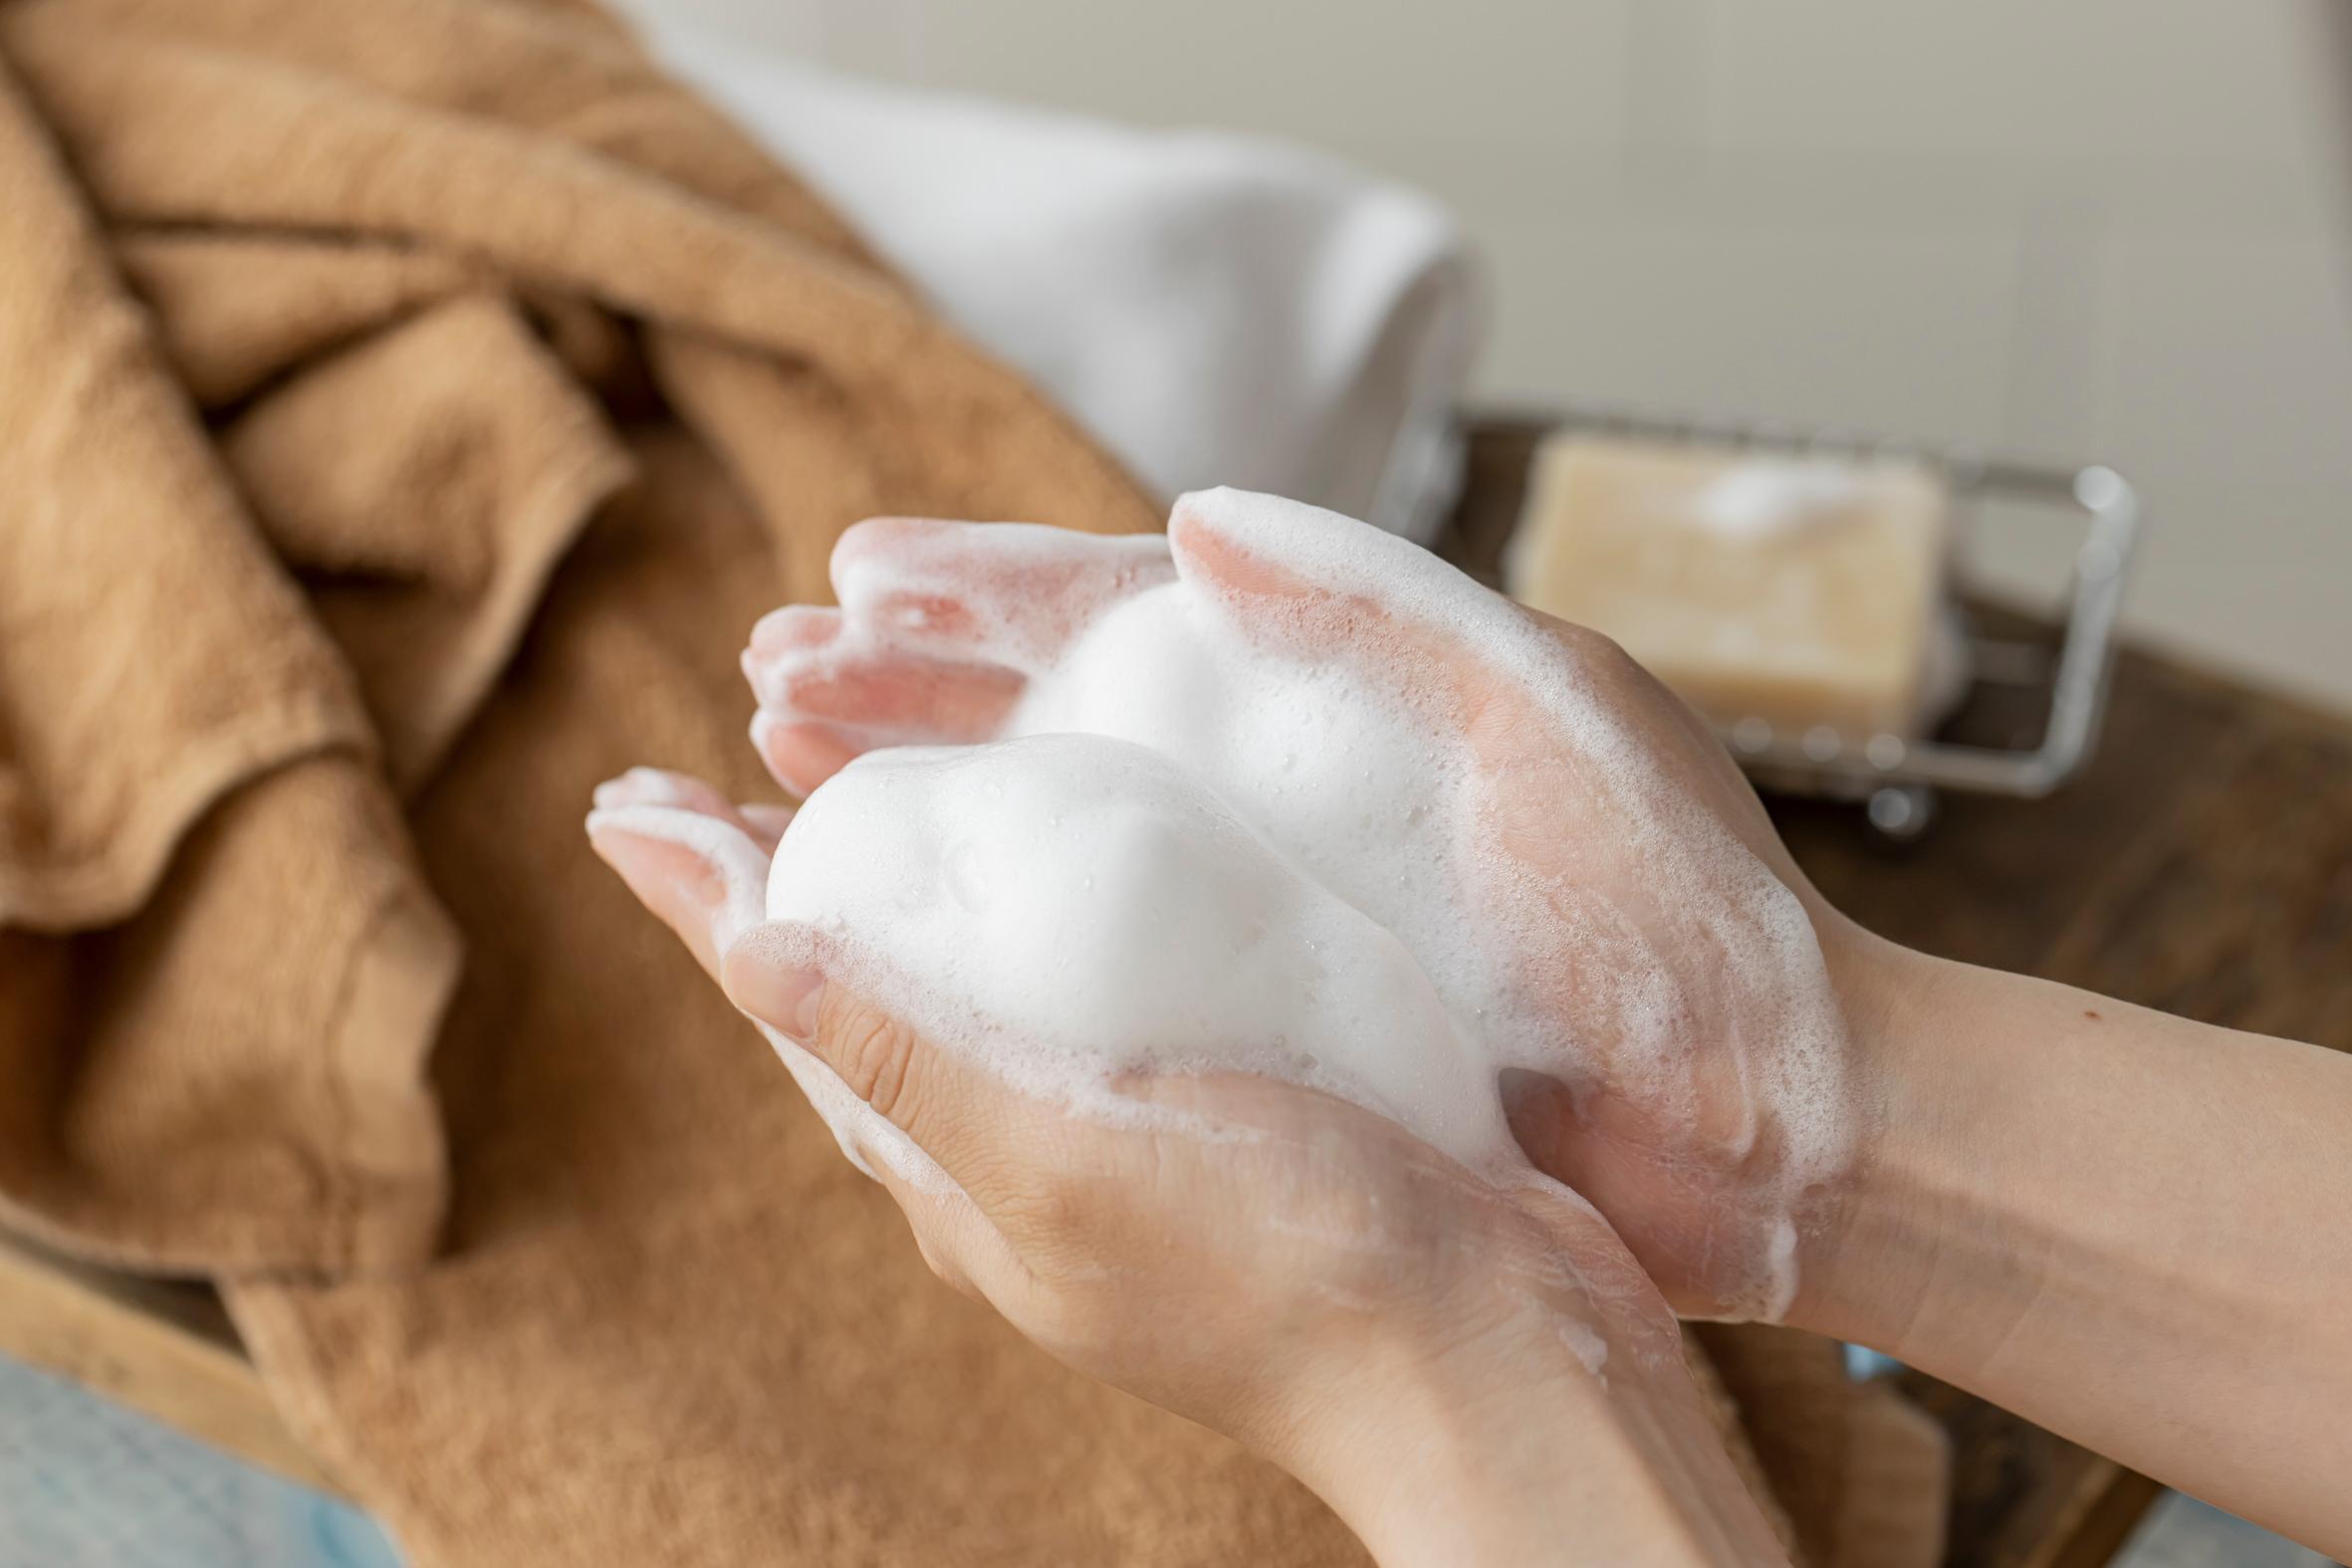 SAVON de SIESTA(サボンデシエスタ)の石鹸で手を洗う,泡立ちがよく保湿効果の高い天然素材の石けん